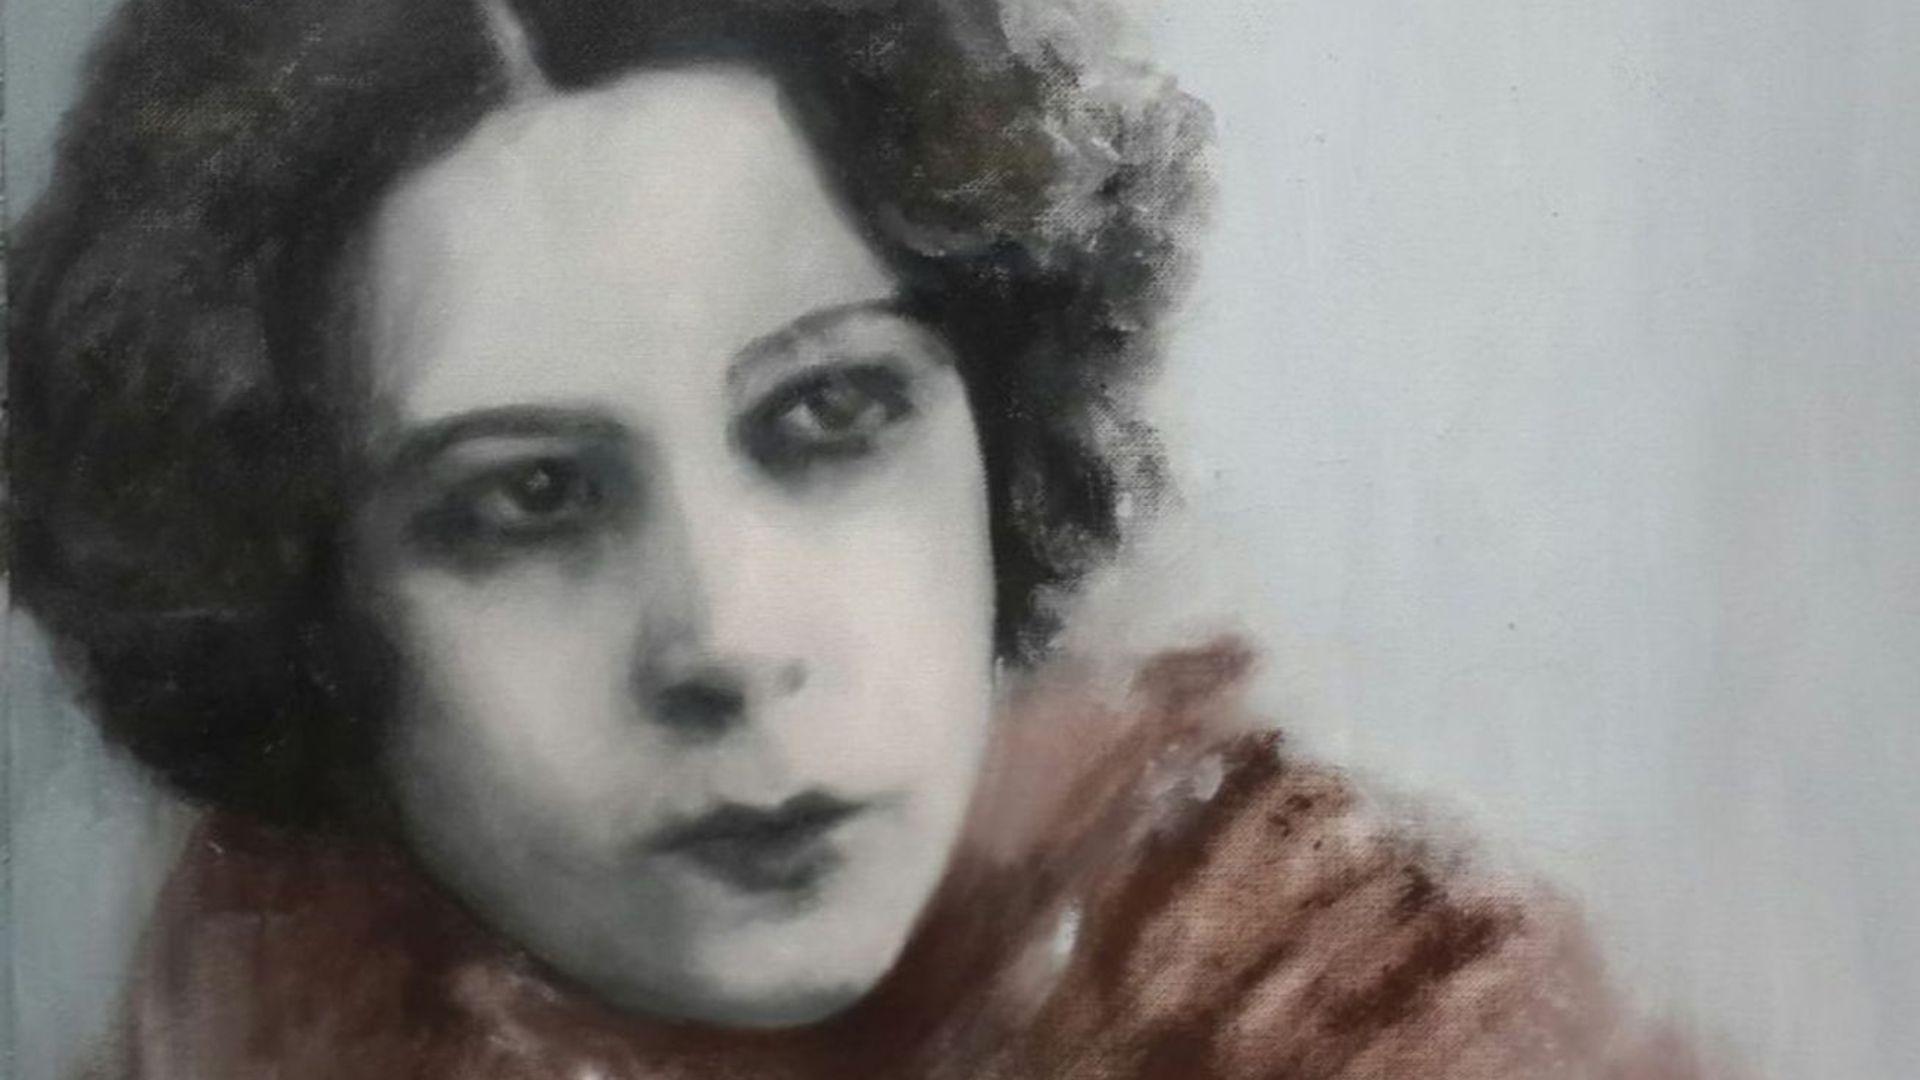 Tiyatro sahnesine çıkan ilk Müslüman Türk kadını olarak adını tarihe yazdıran Afife Jale, vefatının 80'nci yıl